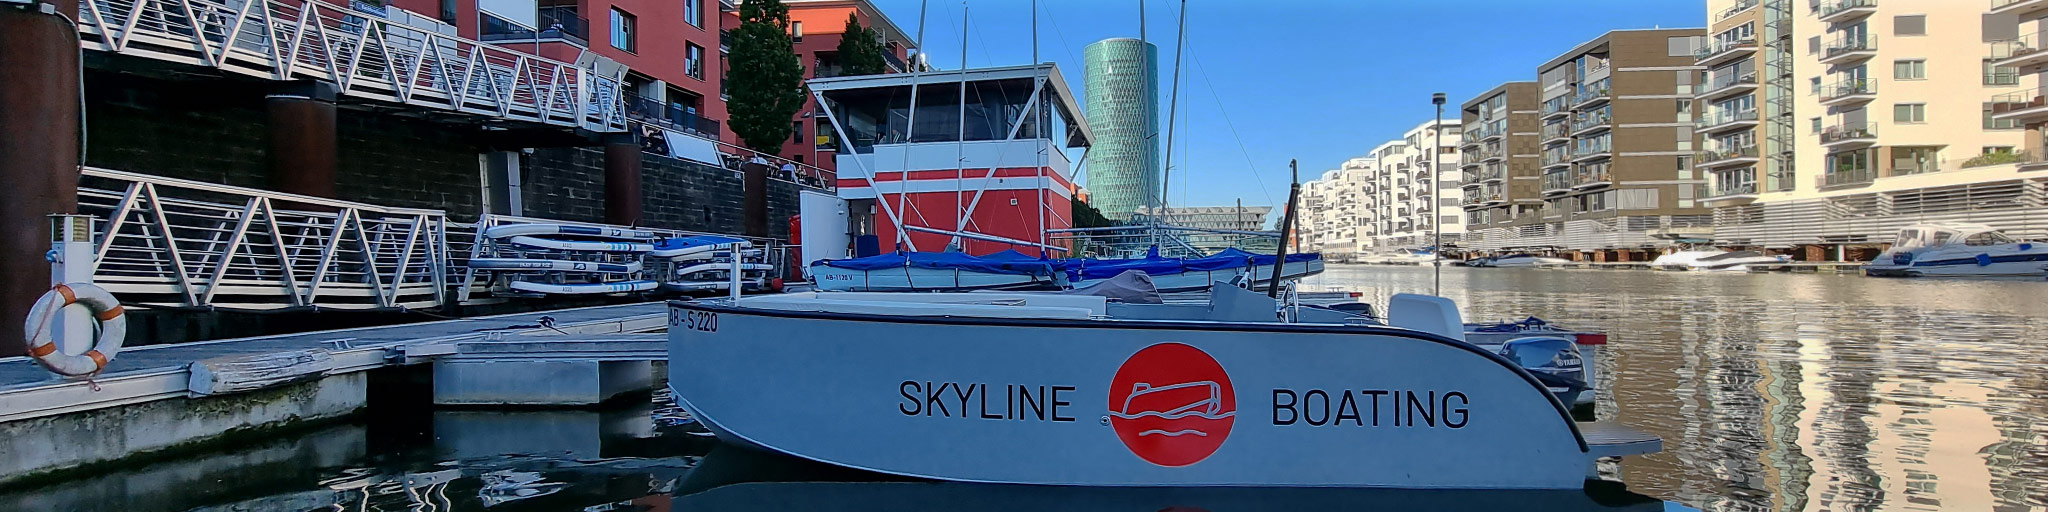 Skyline Boating Frankfurt - Skylineboating Frankfurt am Main - Bootsverleih Frankfurt - Skyline Bootstour - Boot Verleih Frankfurt - Panorama Bootsfahrt auf dem Main - Marina Westhafen